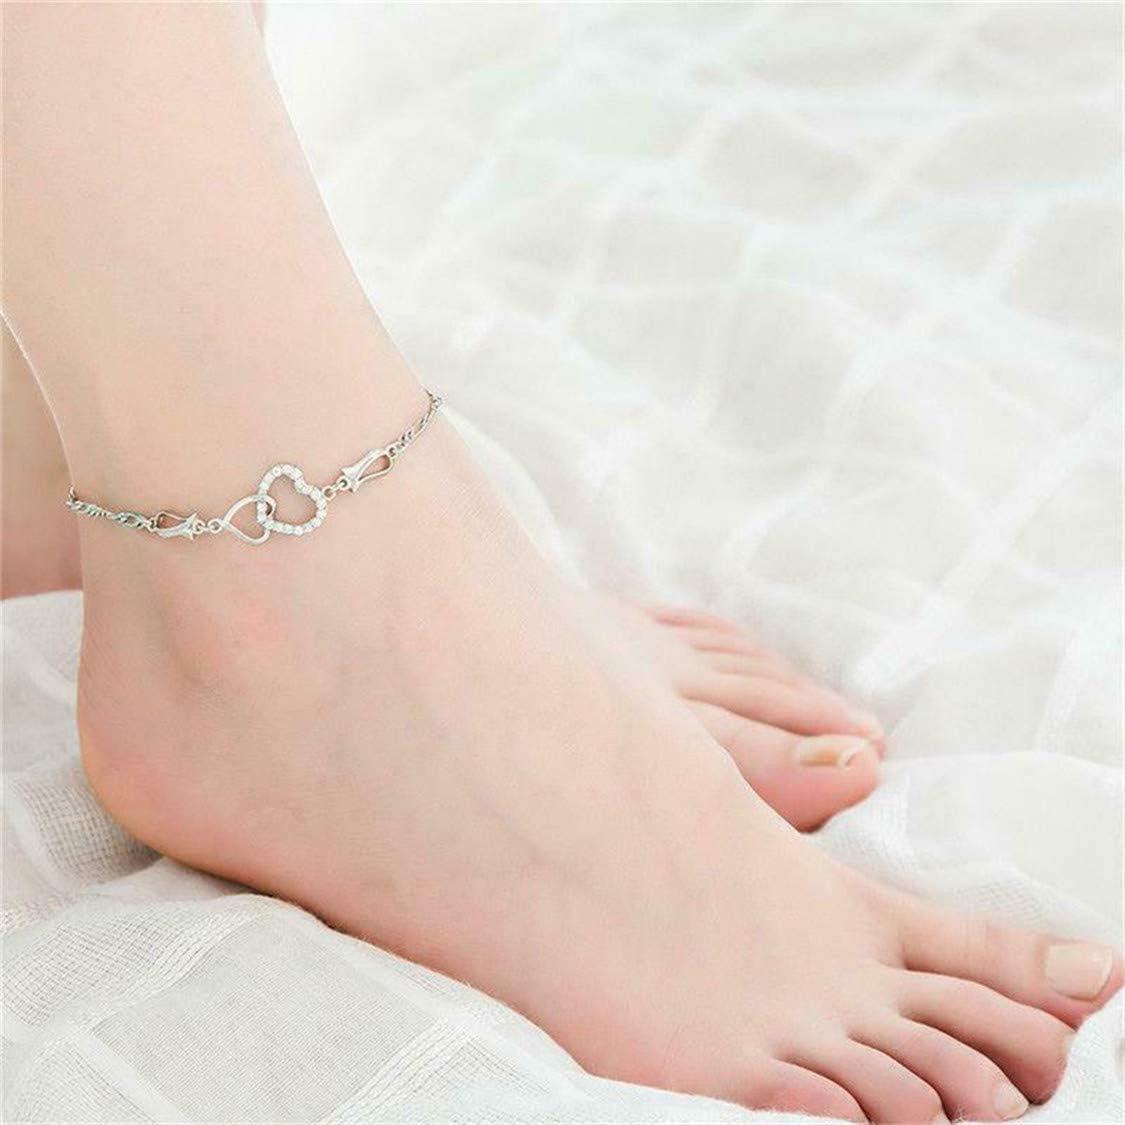 Idiytip Strass Bracelet de Cheville Double Coeur Sculpt/é Bracelet Bracelet de Cheville Accessoires Cha/îne de Pied Bijoux de Plage,Argent